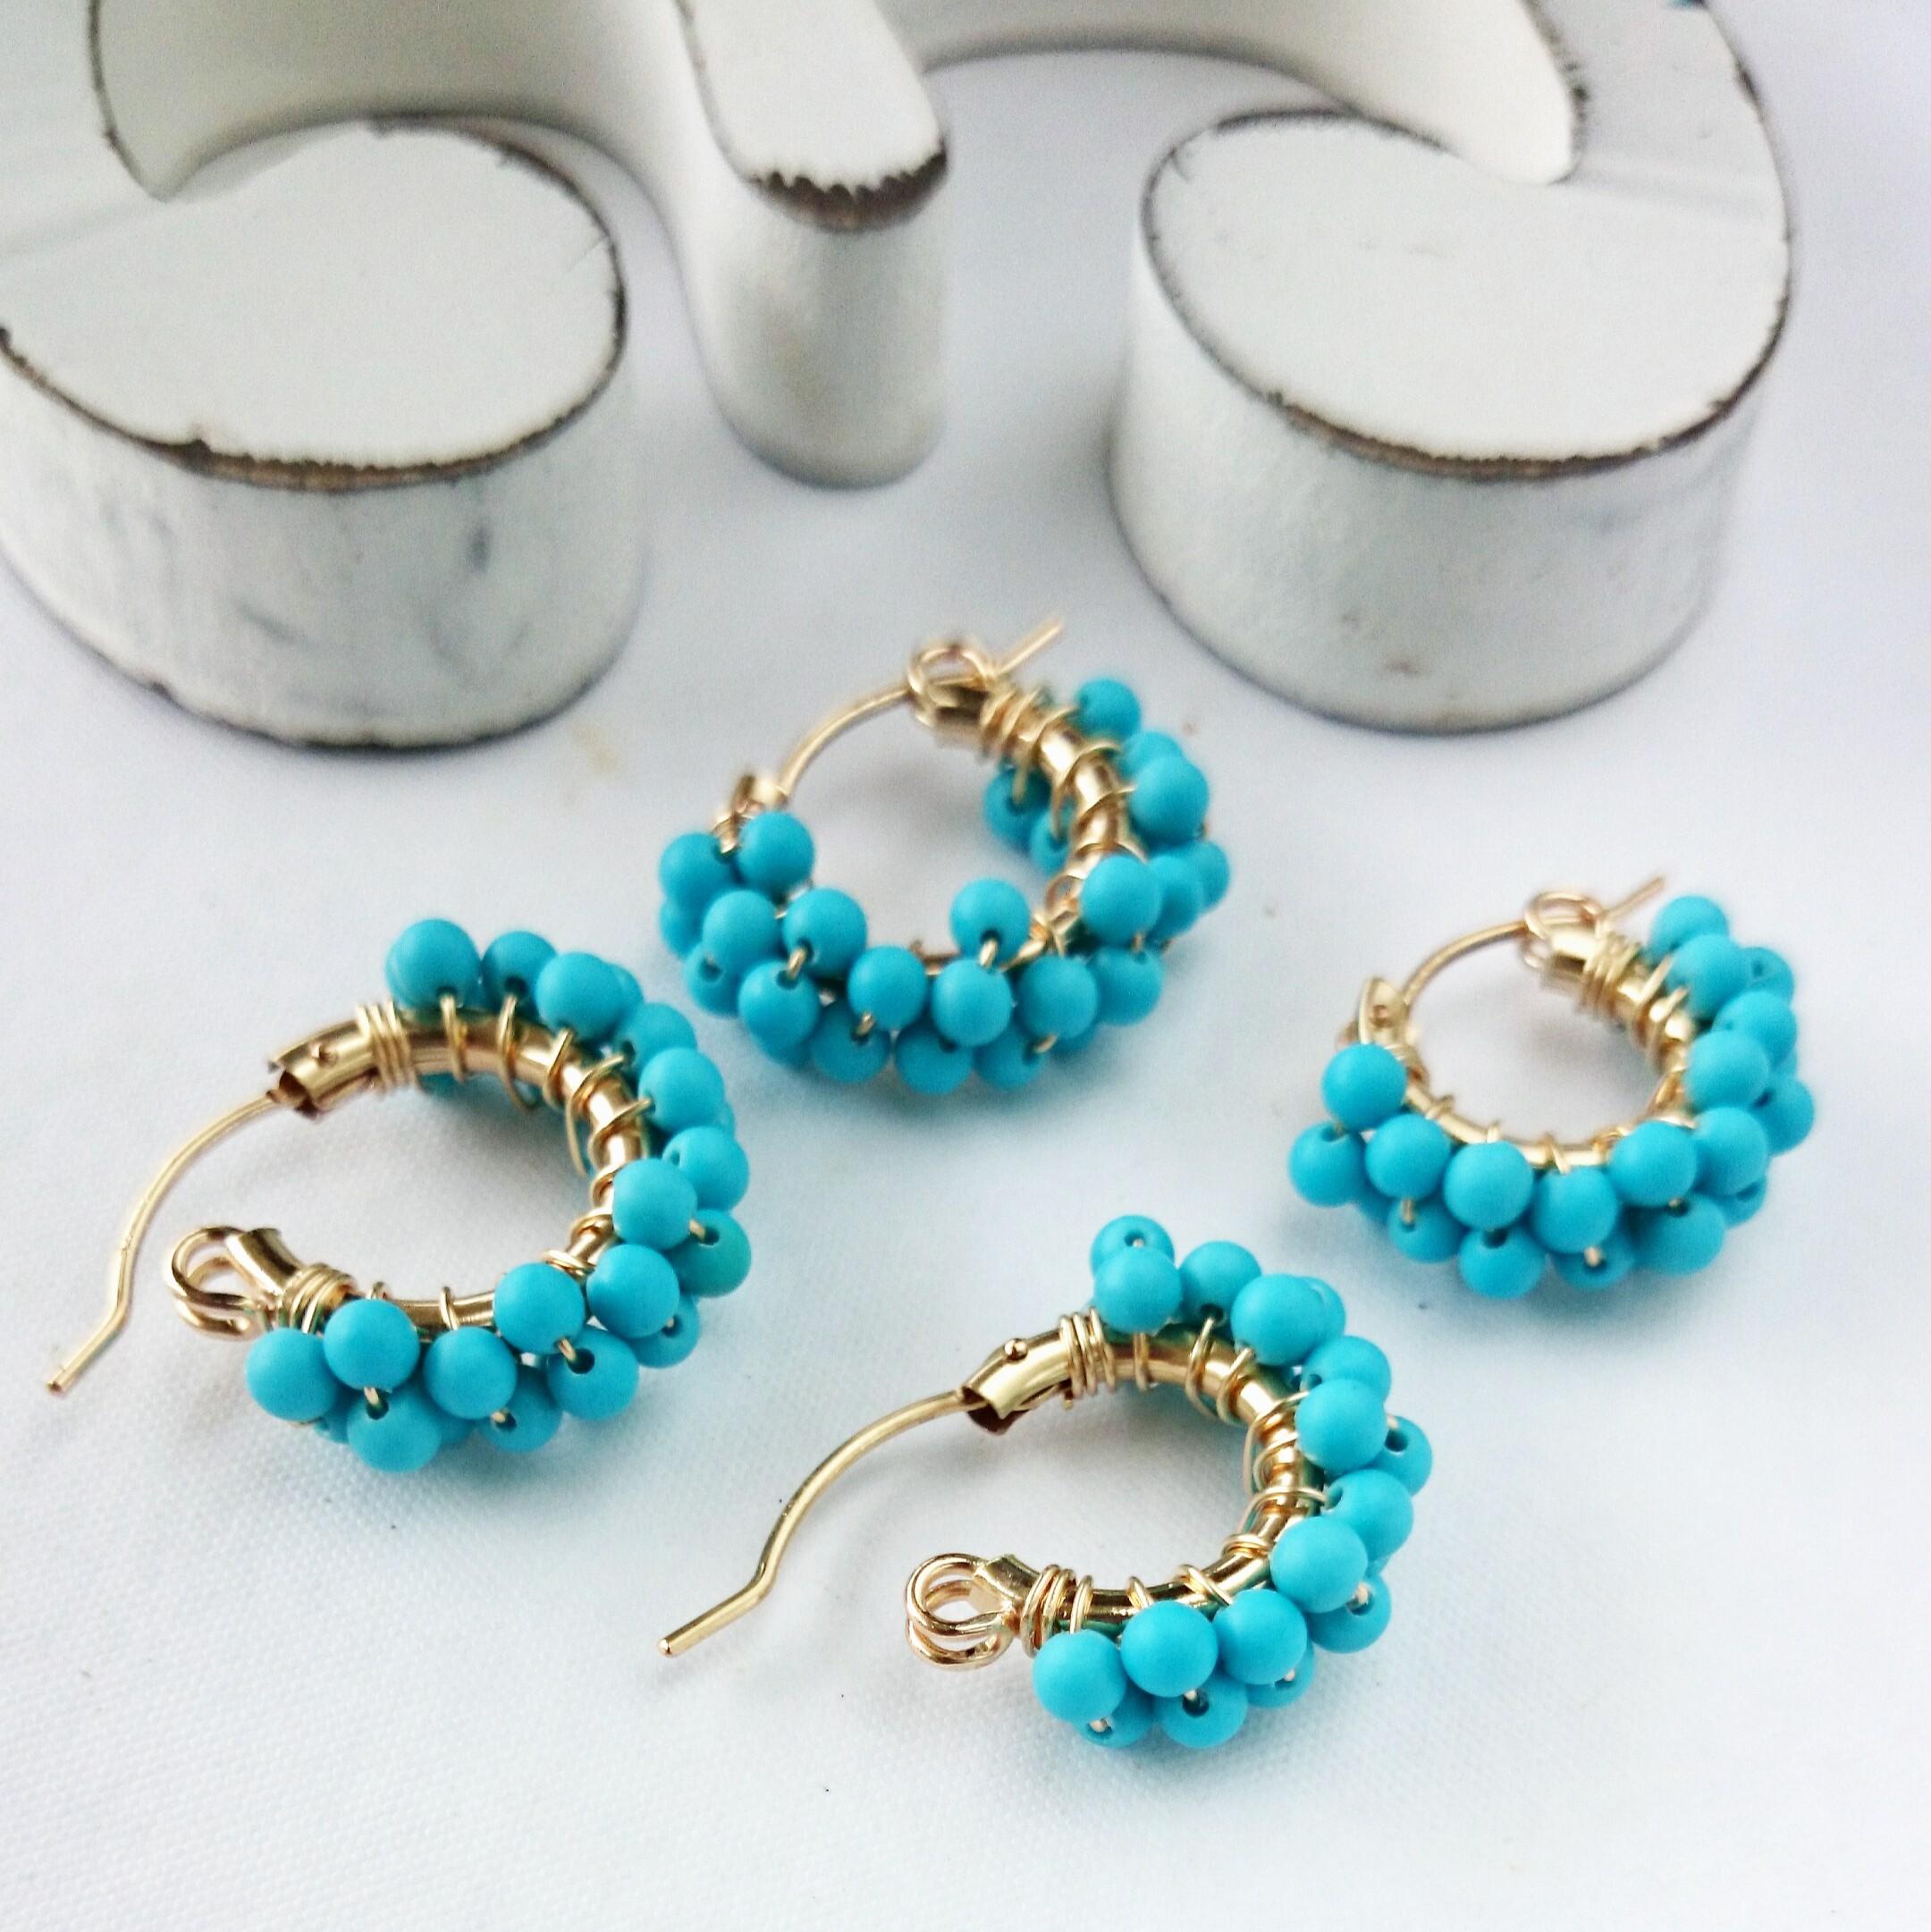 送料無料 14kgf Turquoise*wrapped pierced earring/earring